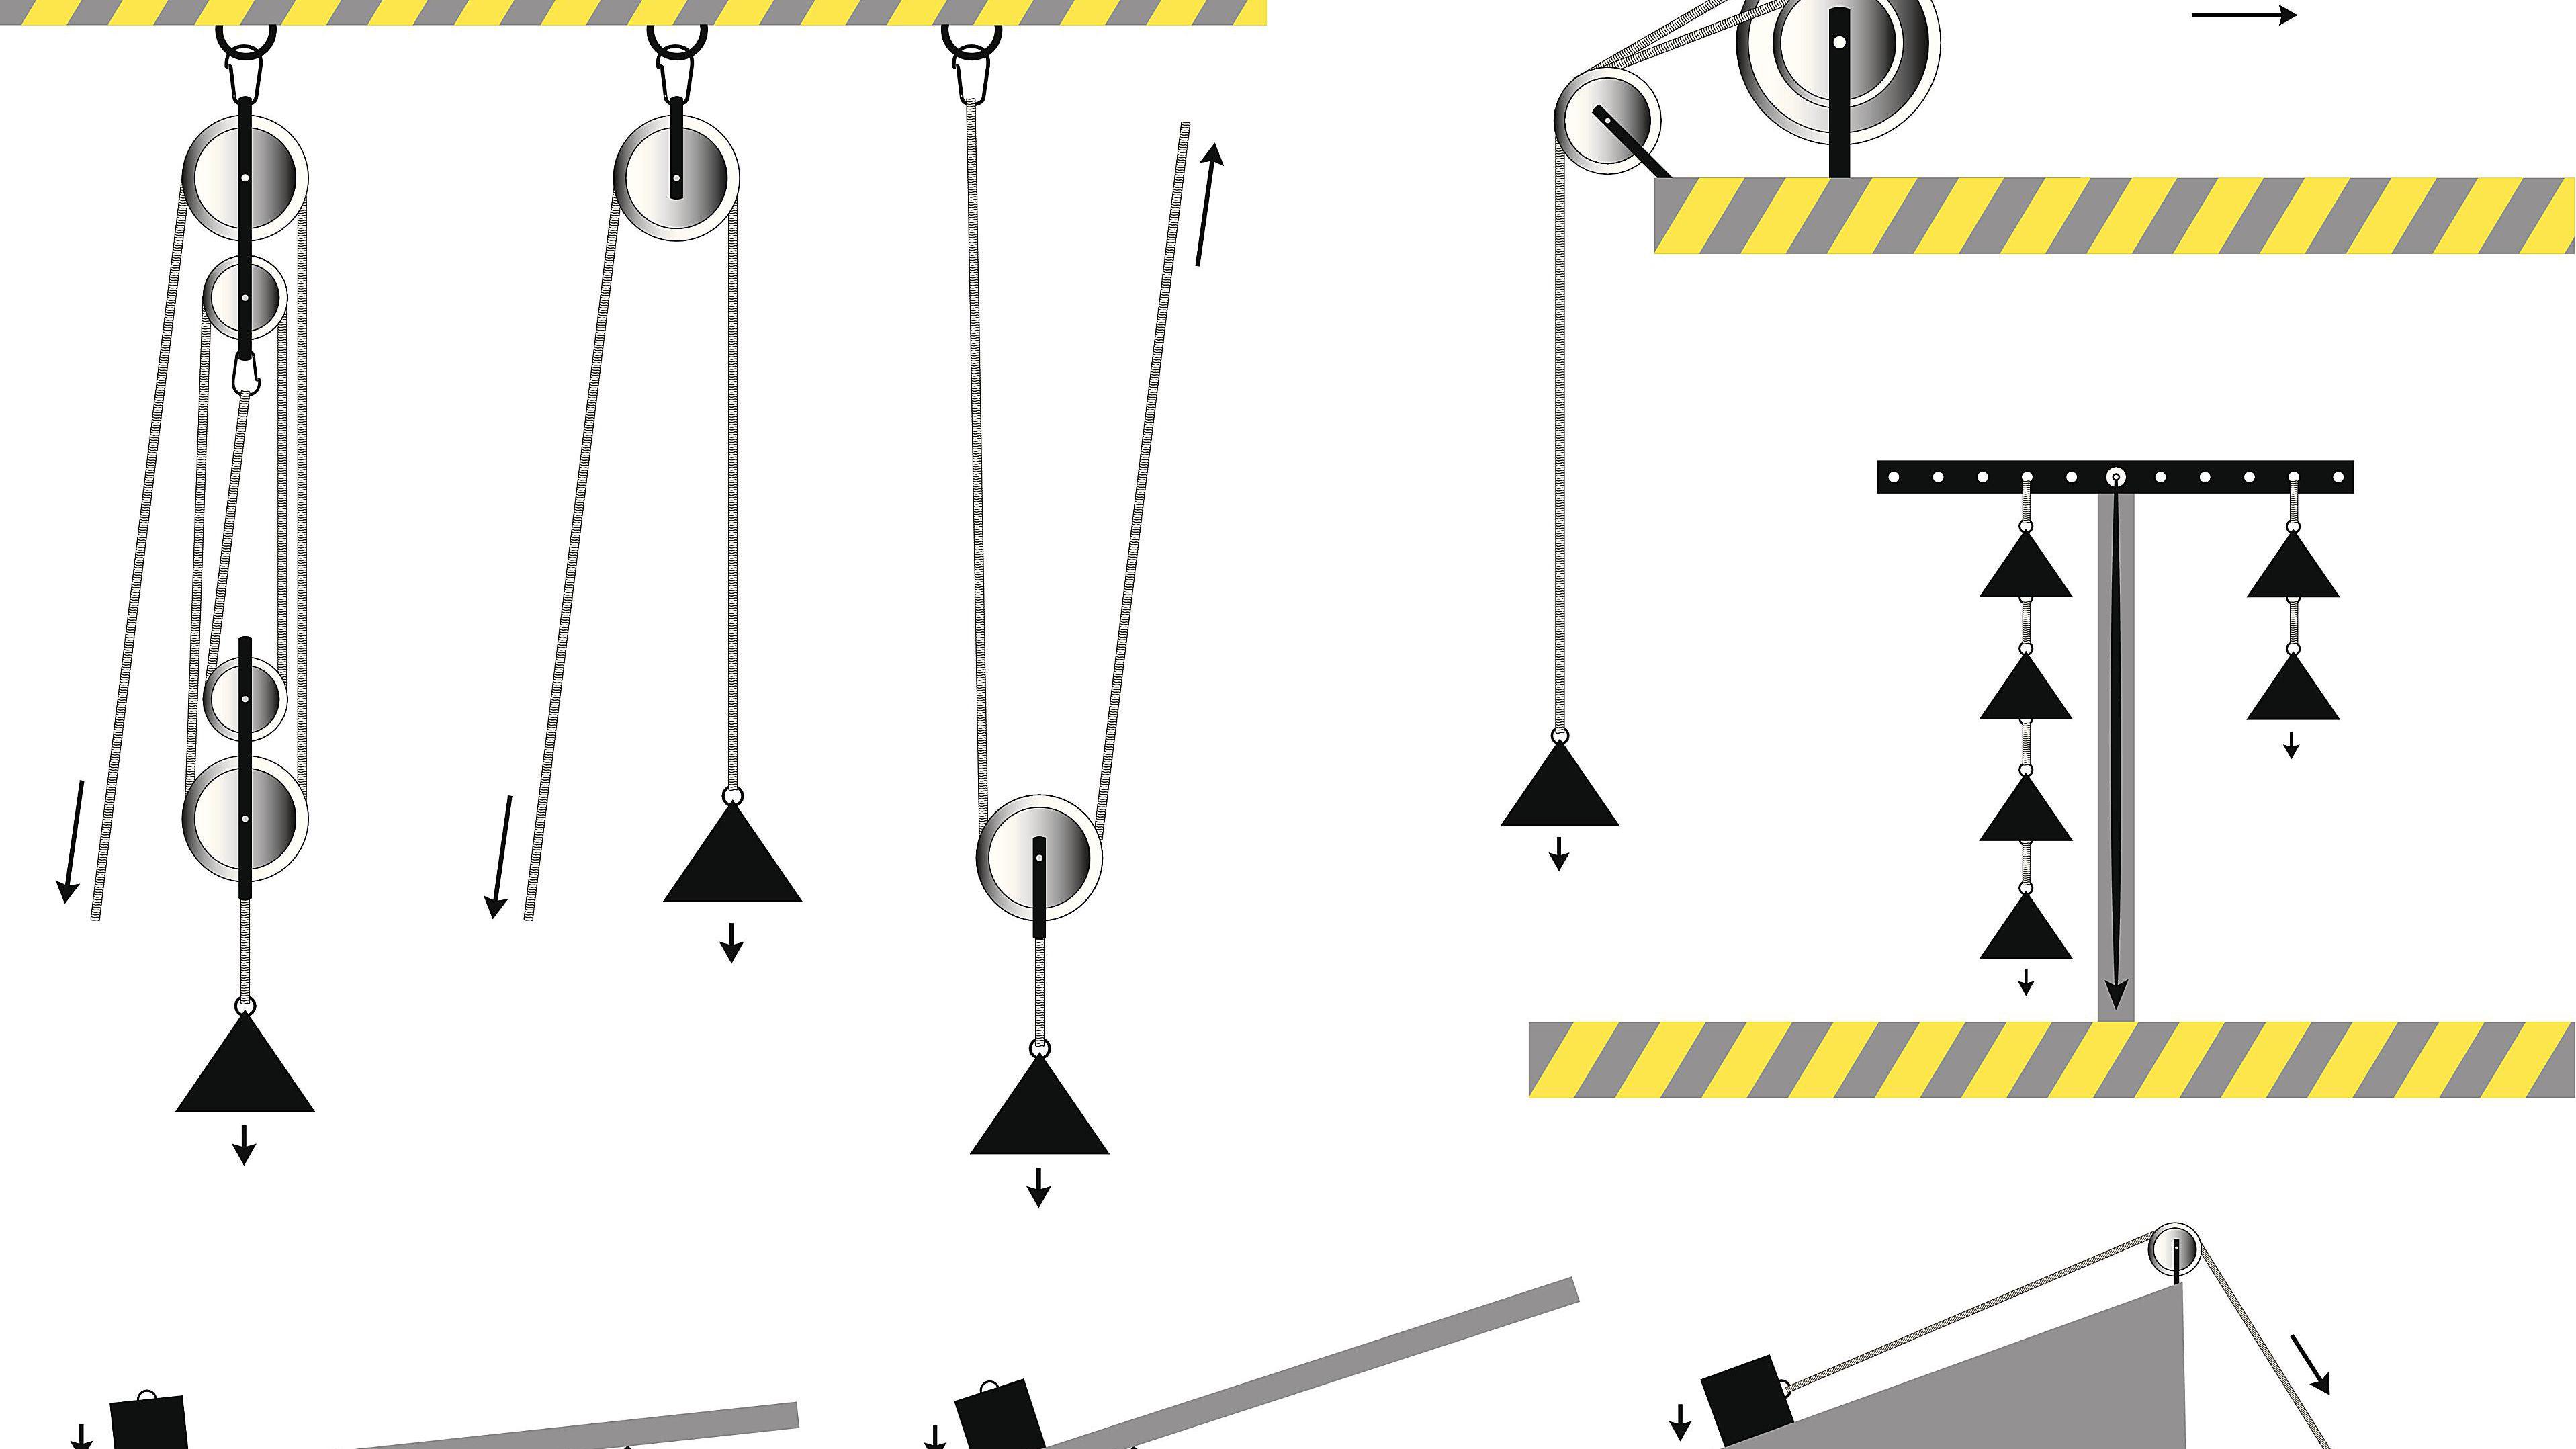 Tasya Luft Wascher 20 Inspiration Simple Crane Machine